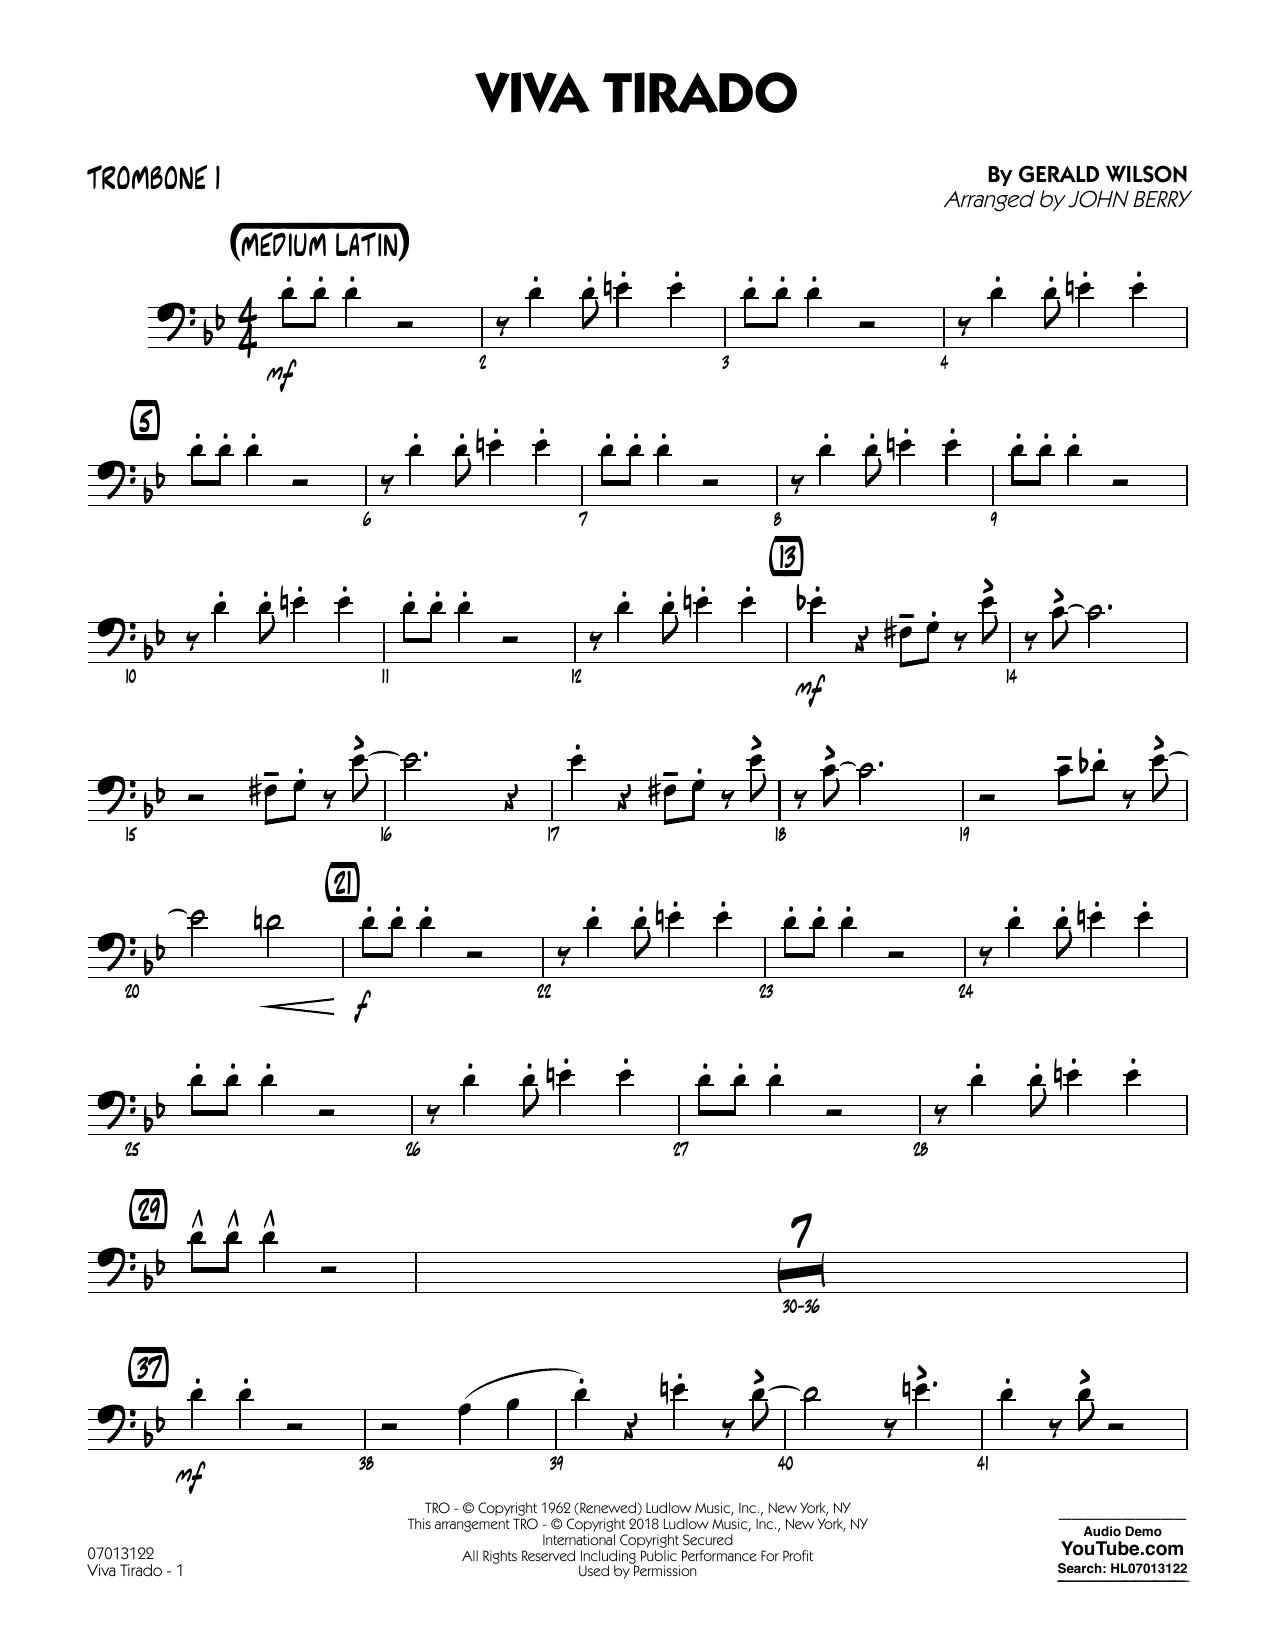 John Berry Viva Tirado - Trombone 1 sheet music notes printable PDF score